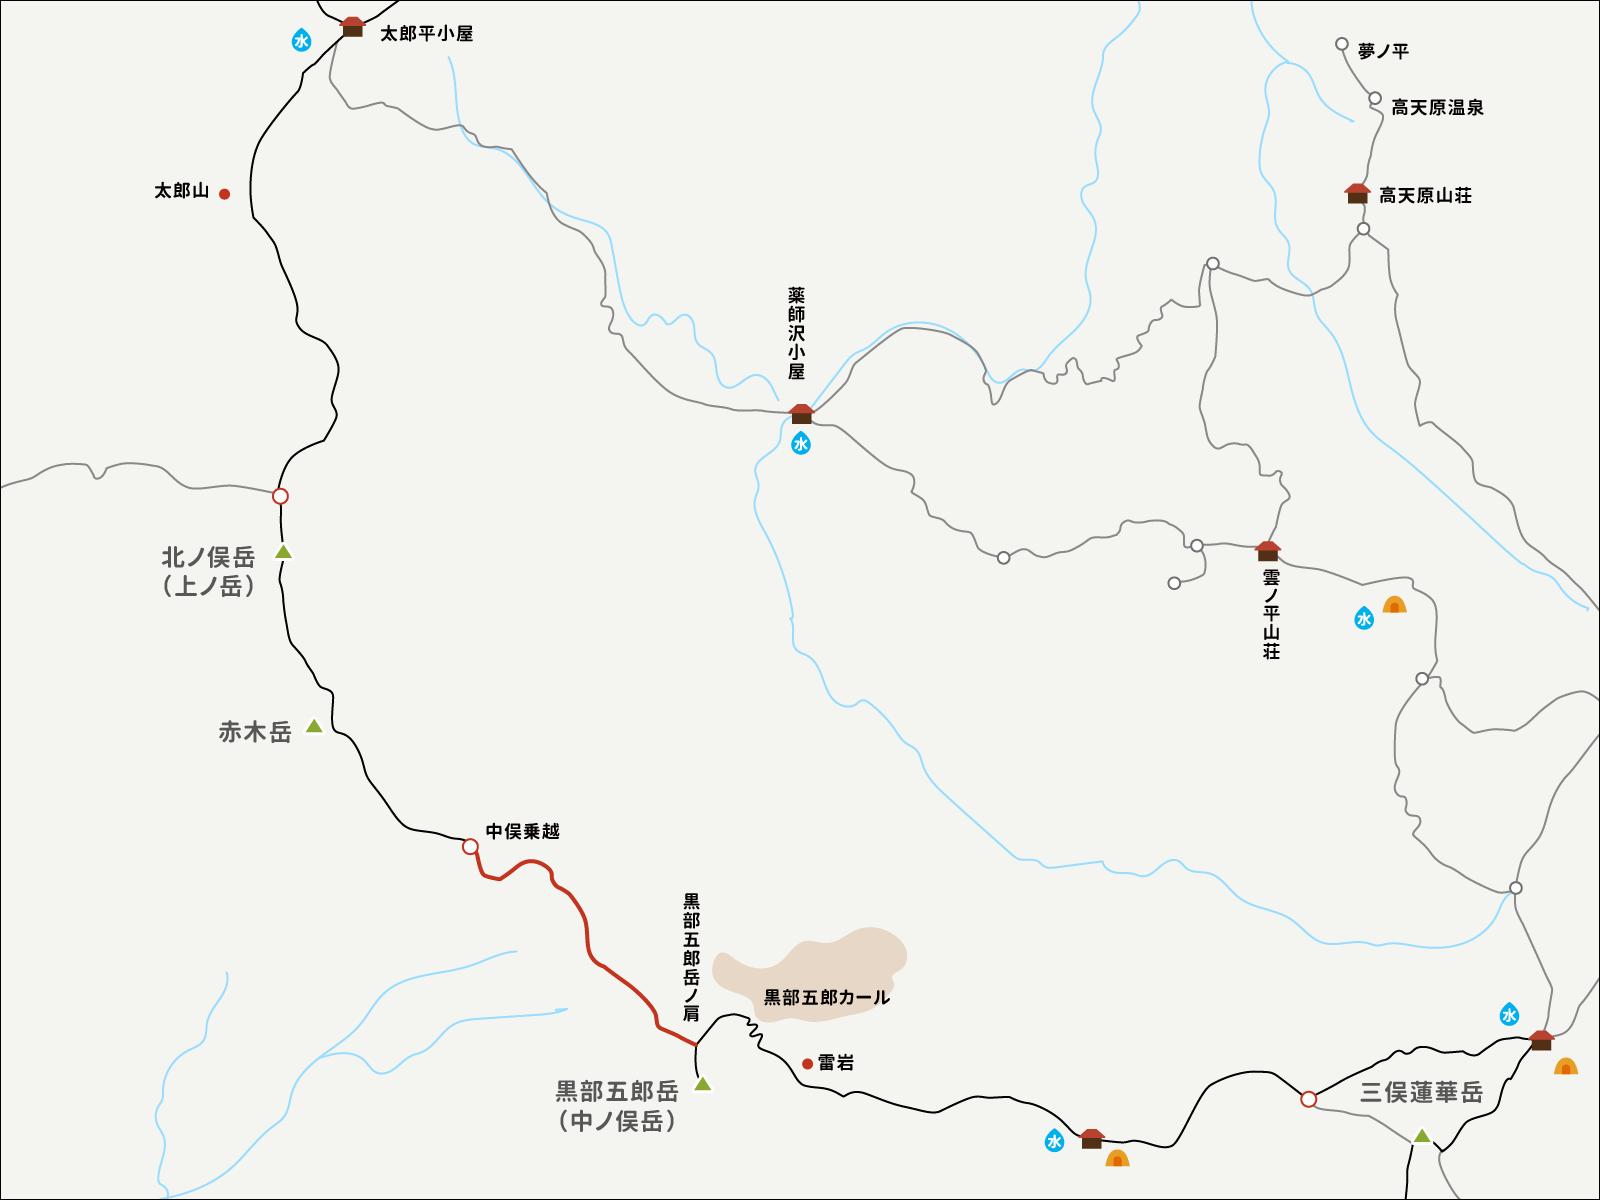 中俣乗越から黒部五郎岳の肩までのイラストマップ